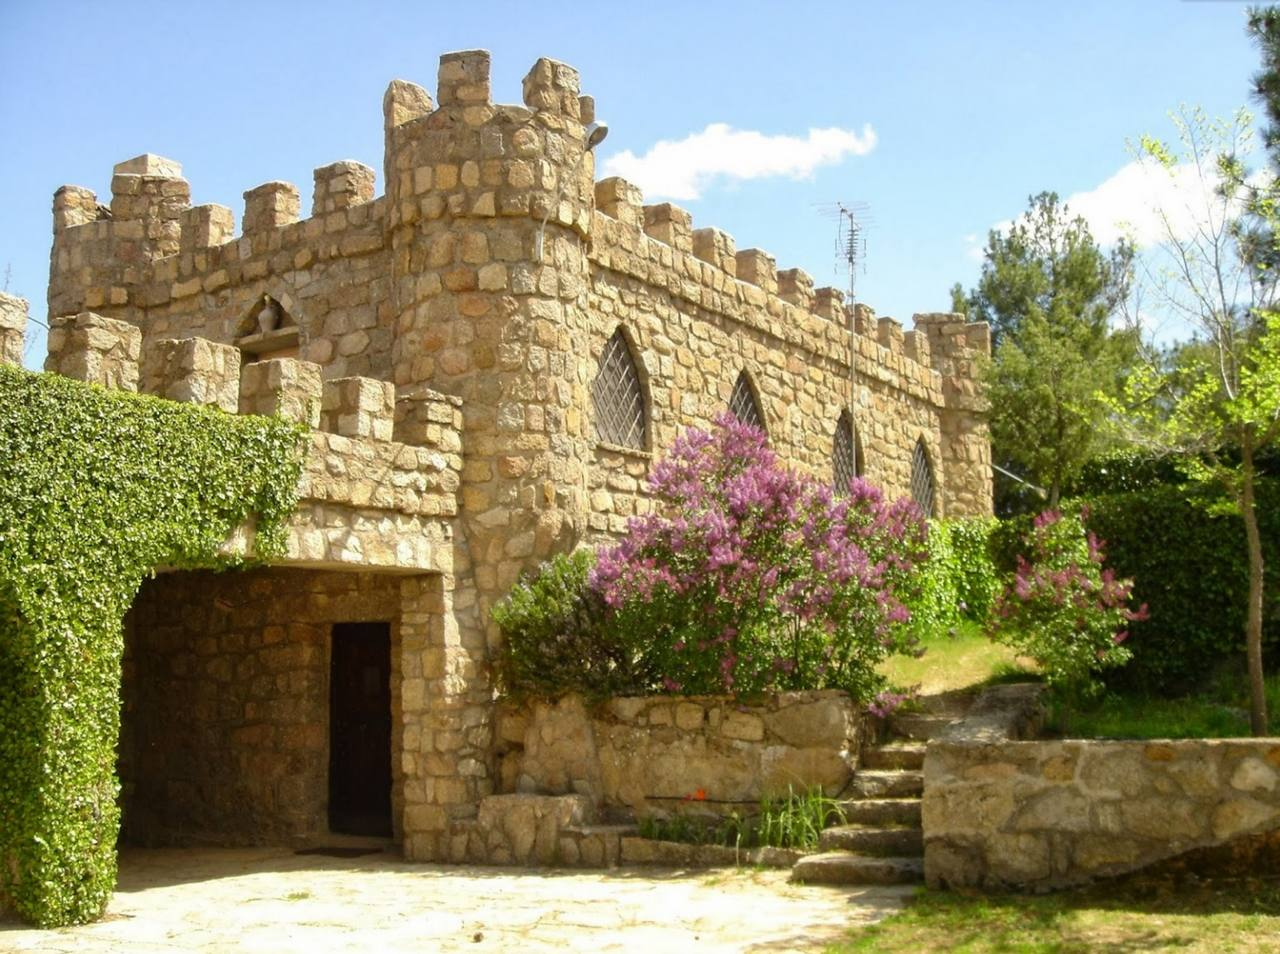 Isla del Burguillo, alquiler de isla privada con castillo en la Isla del Burguillo, El Barraco, Avila